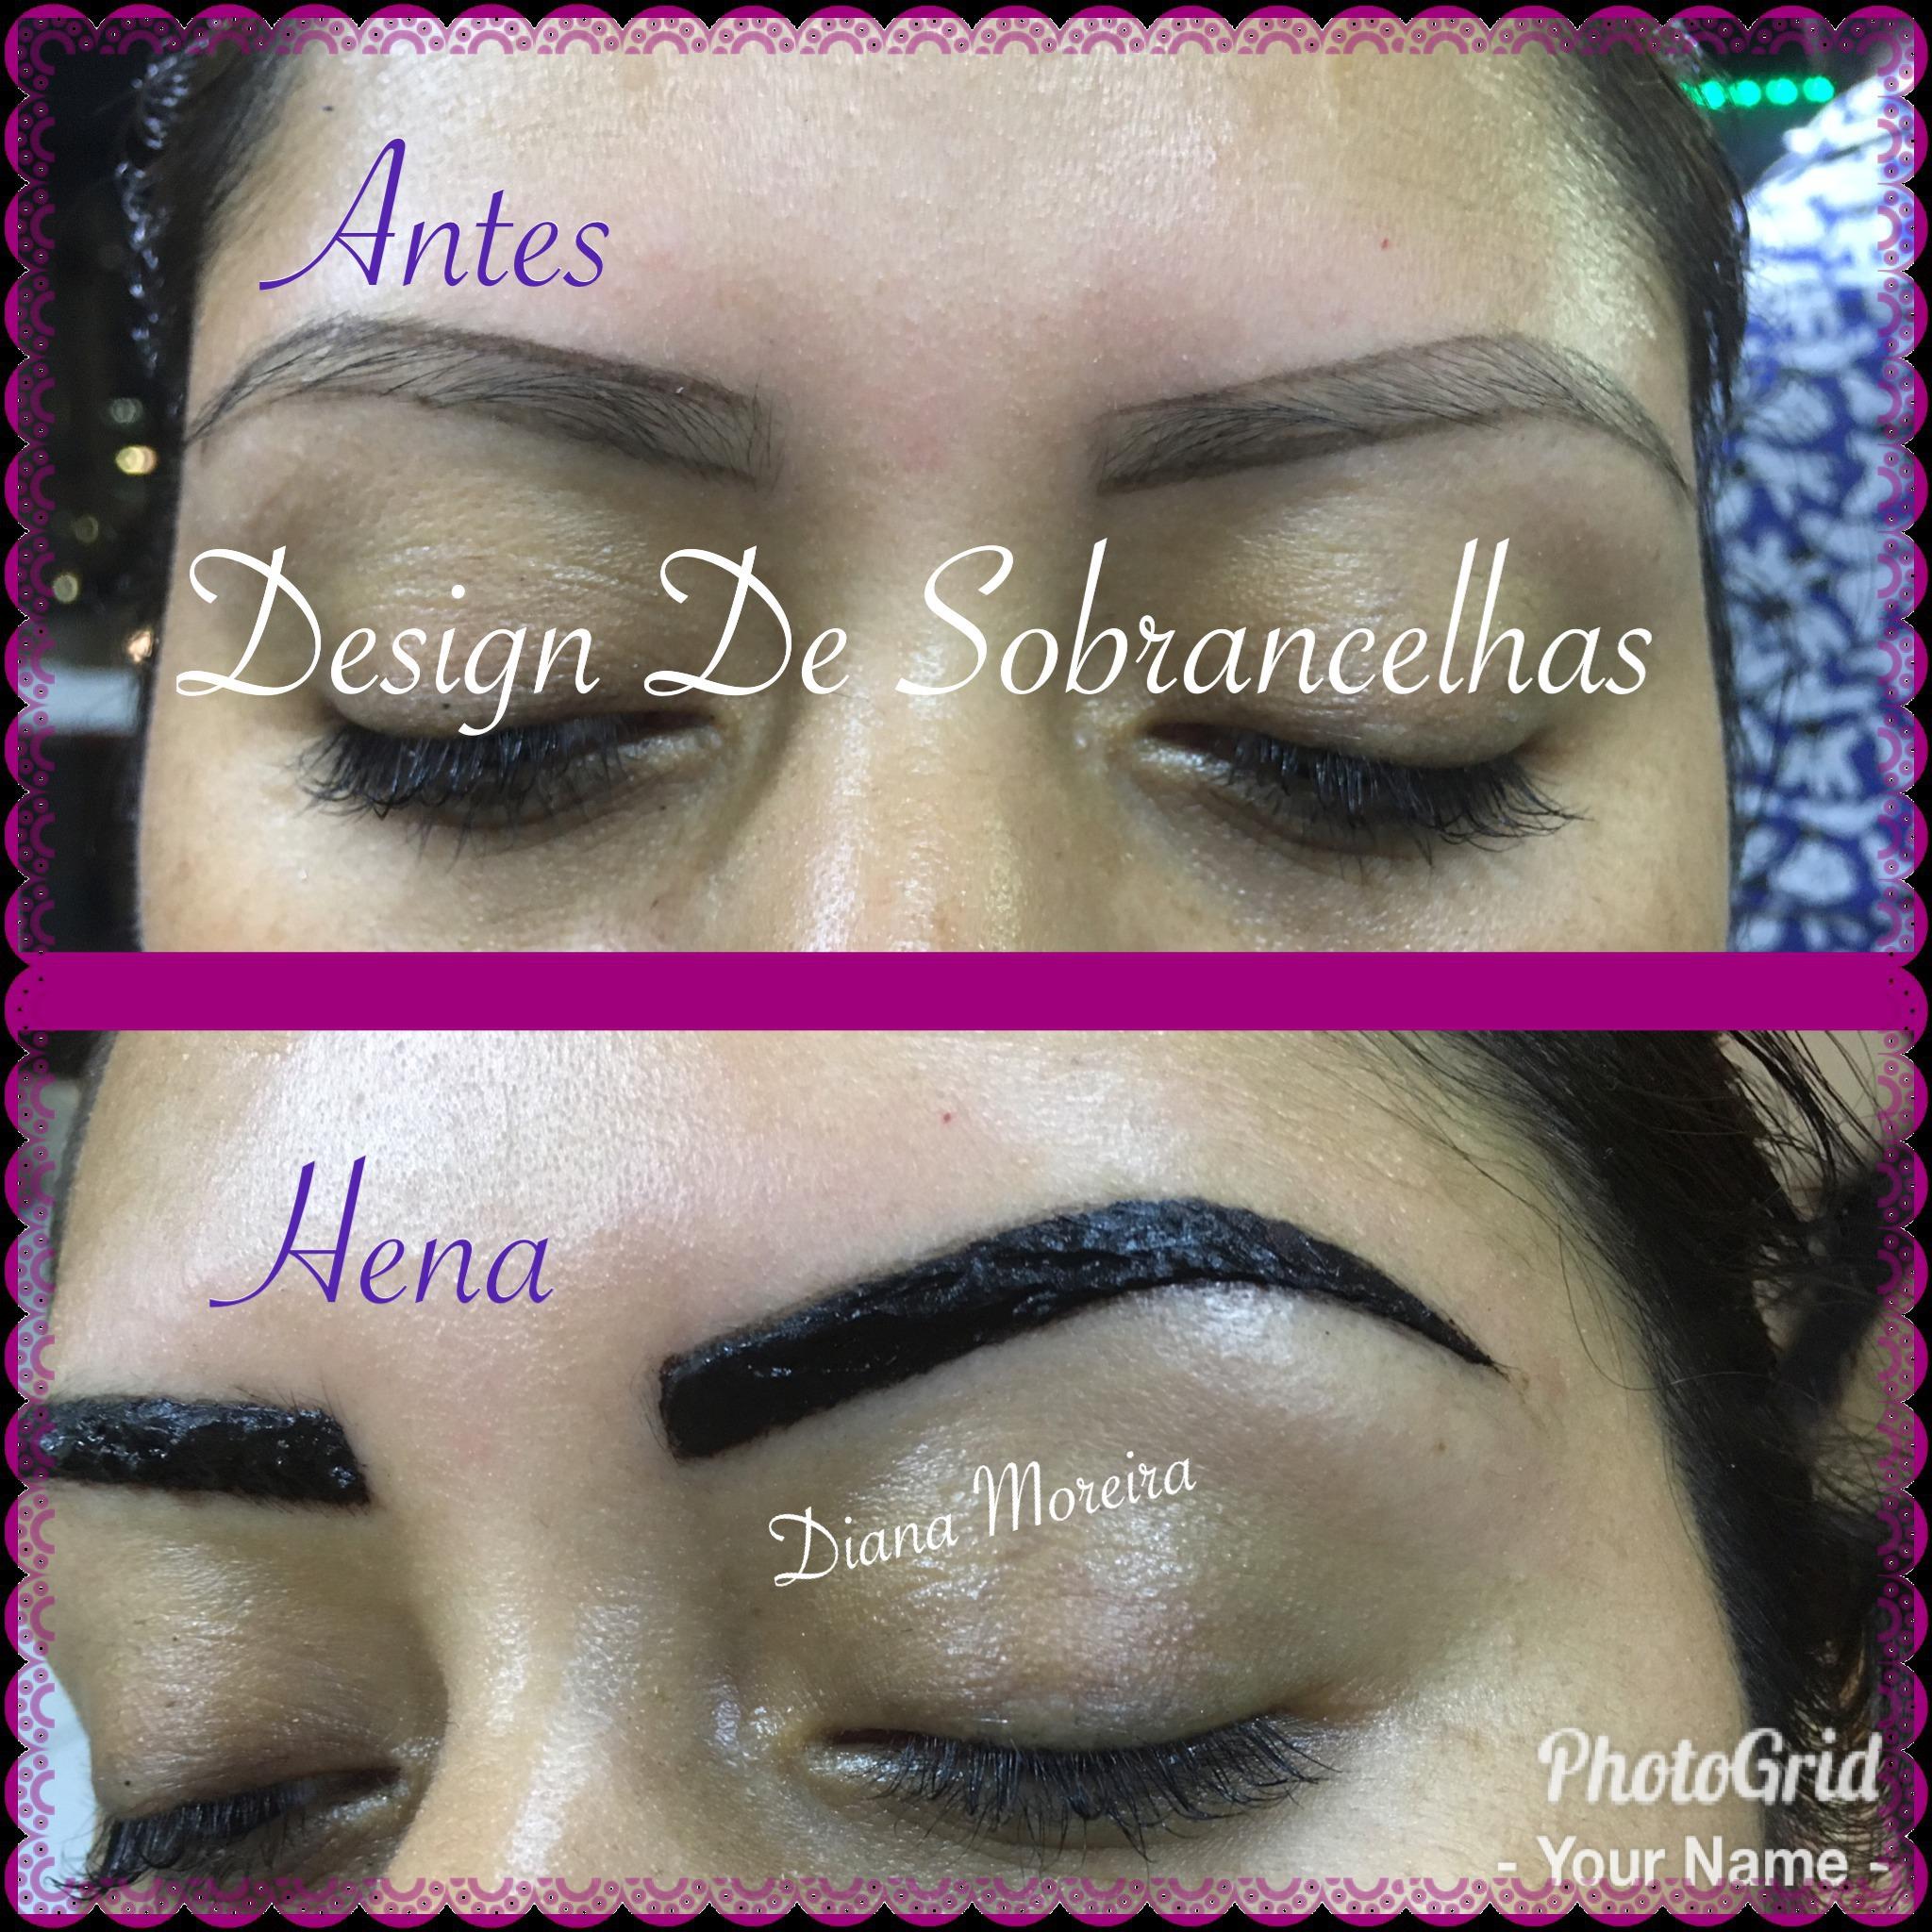 Sobrancelha de Henna estética designer de sobrancelhas micropigmentador(a) cabeleireiro(a)